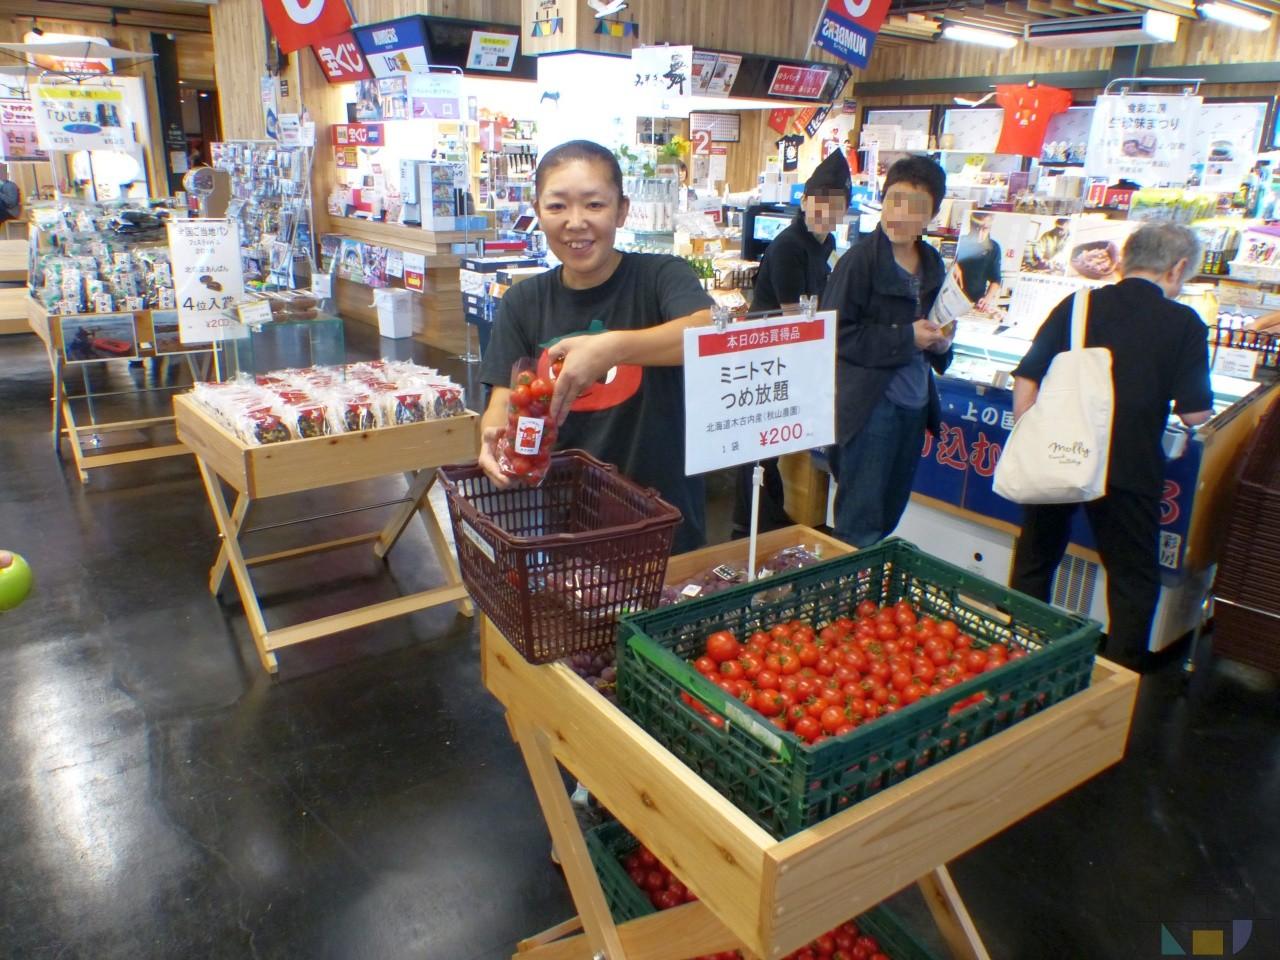 秋山農園のミニトマトつめ放題 8月5日,6日開催!